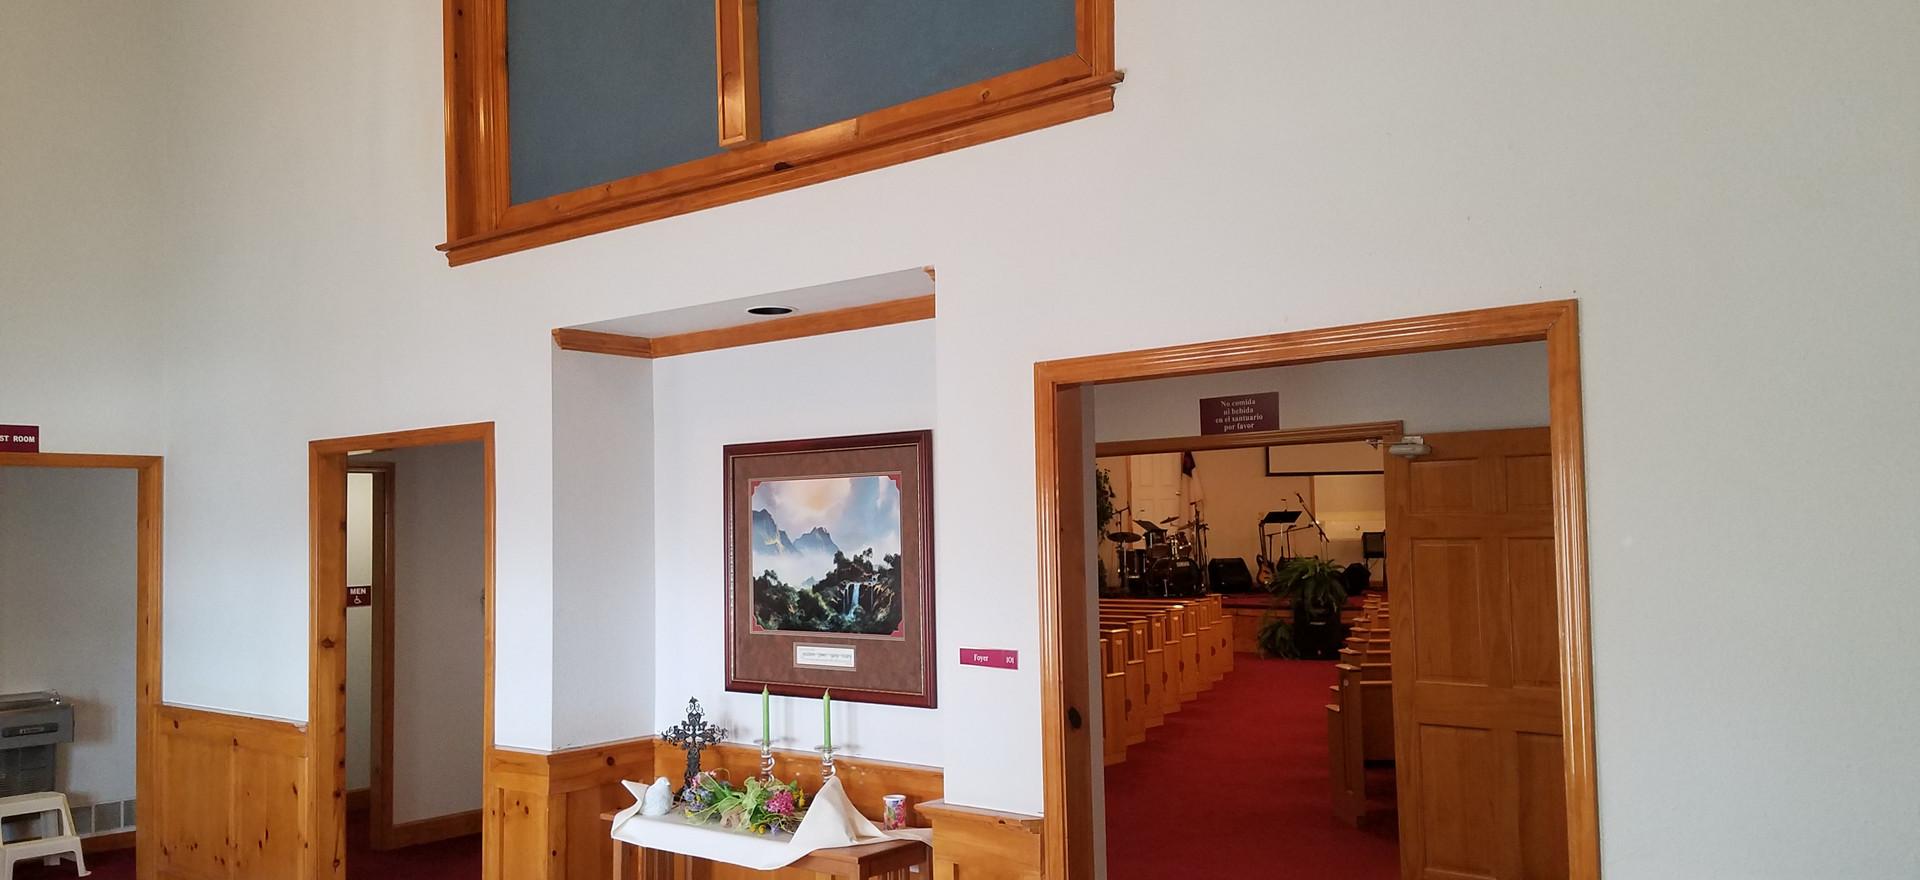 Entrance to worship center